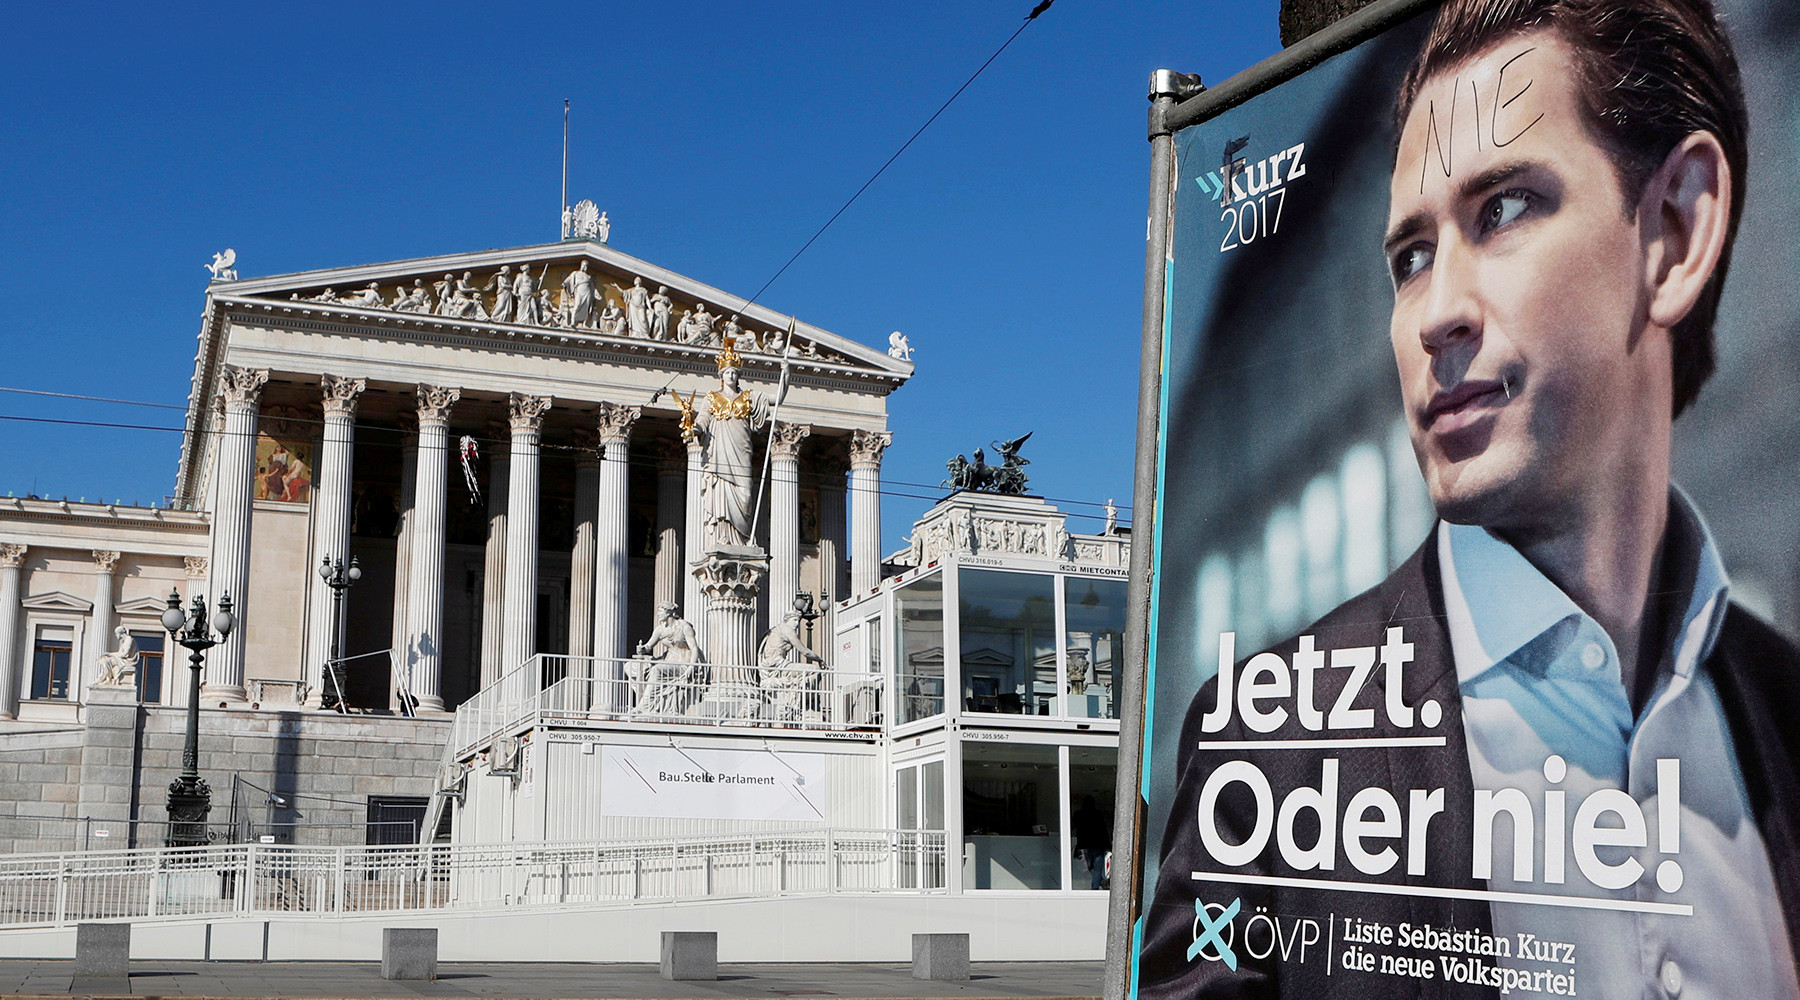 Надосрочных парламентских выборах вАвстрии социал-демократы обошли правых